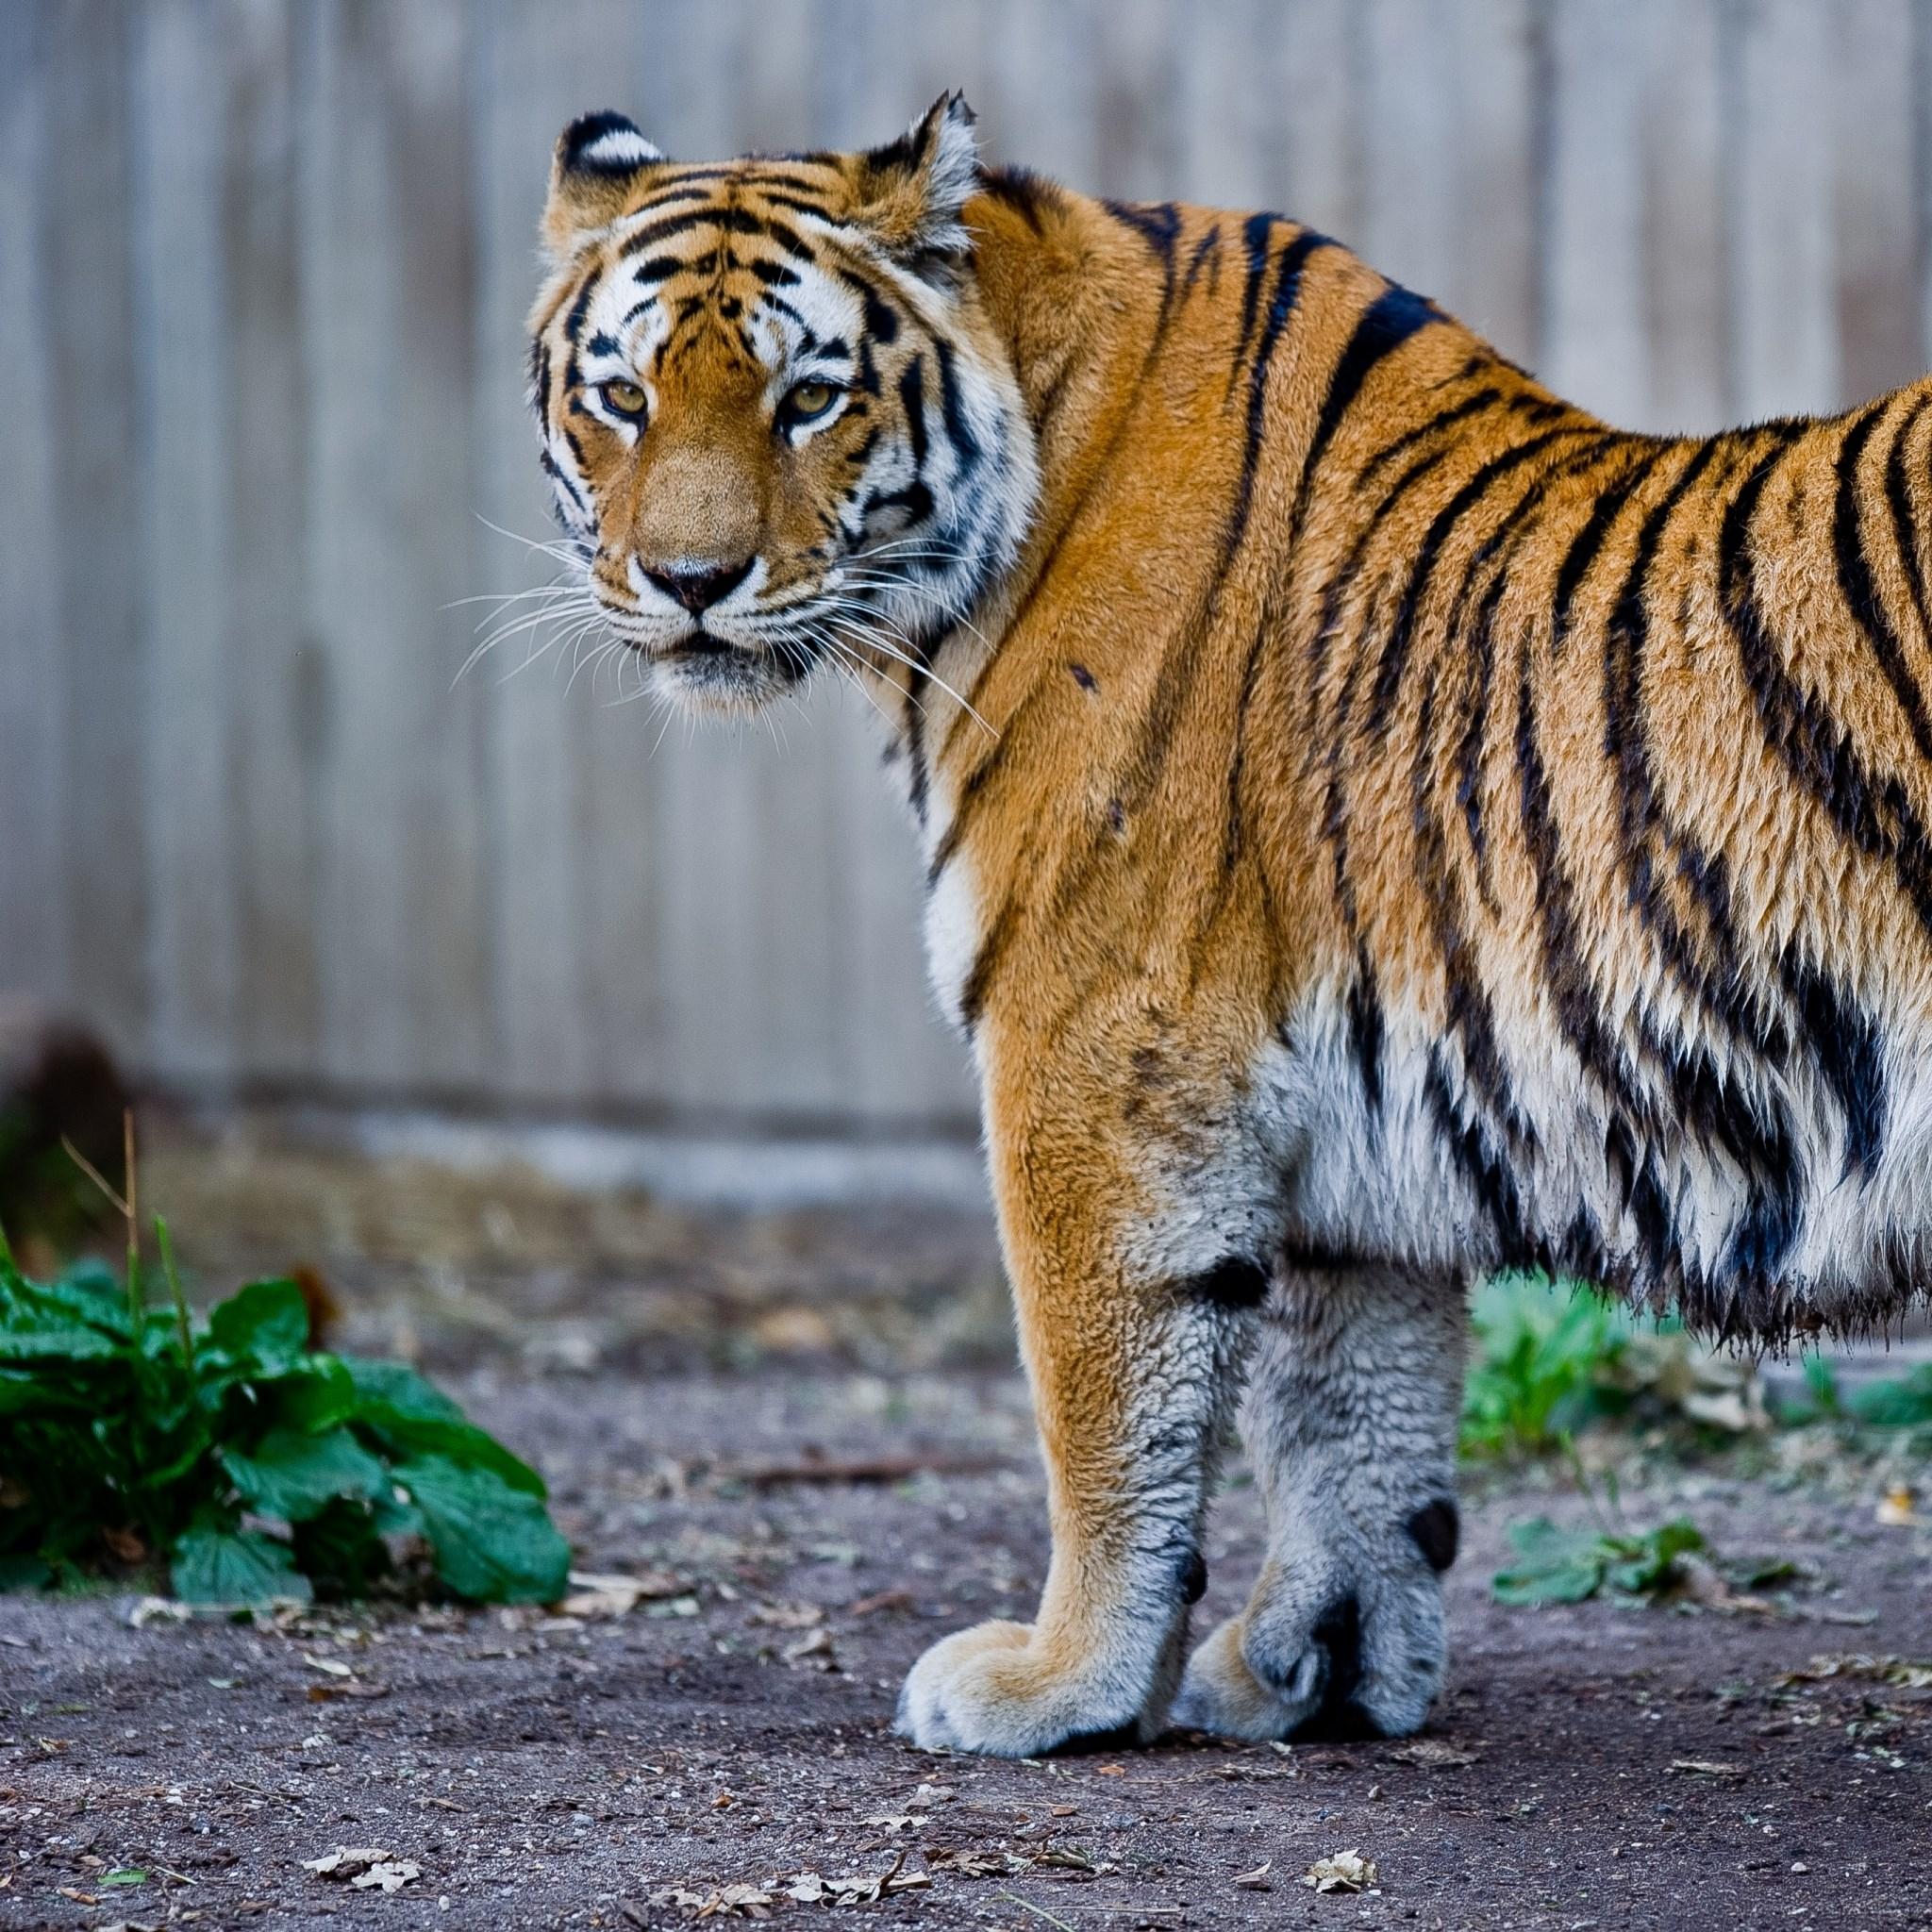 老虎可爱萌图片大全